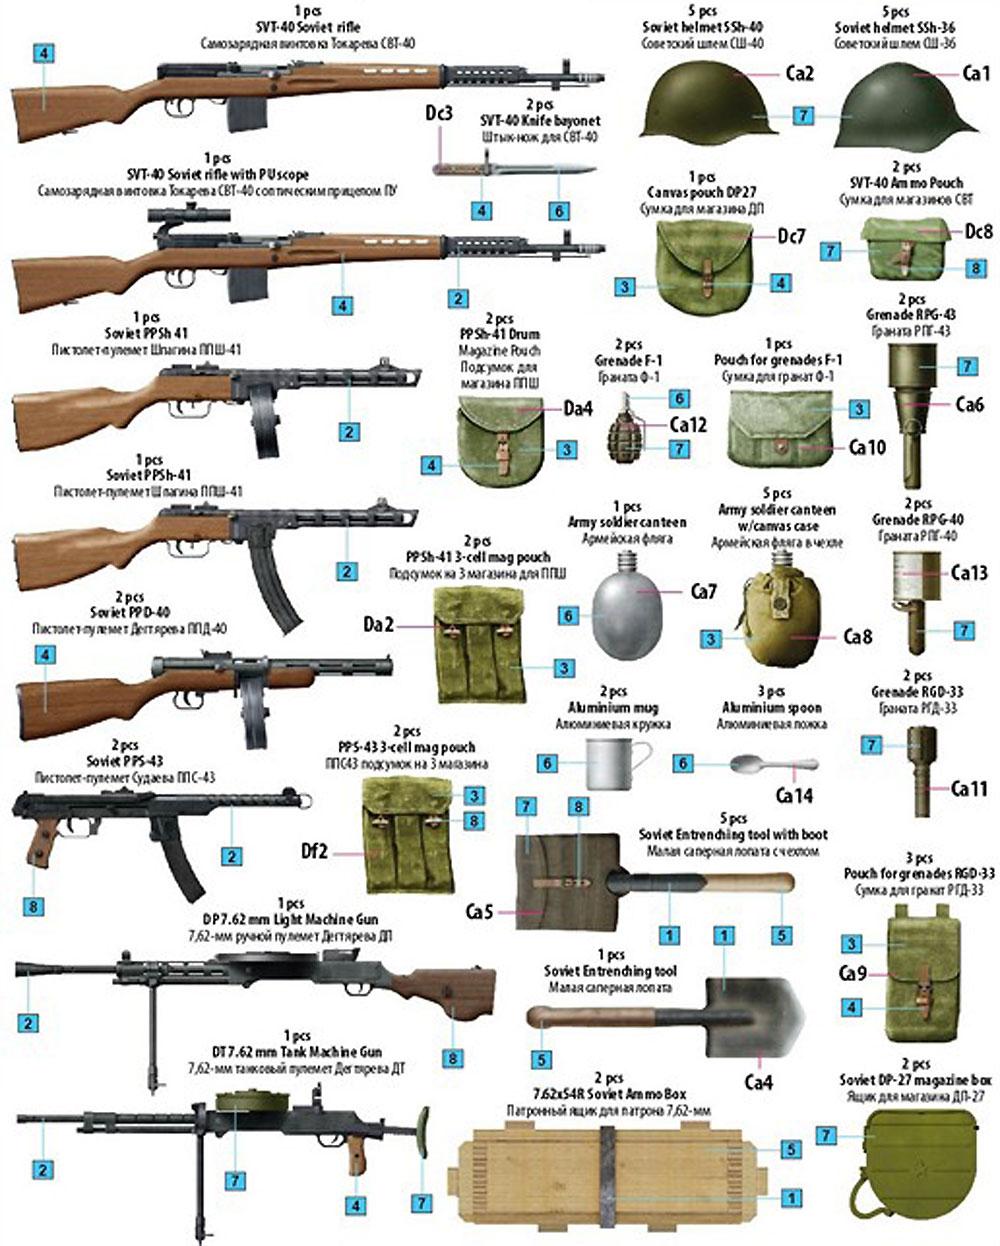 ソビエト歩兵 機関銃 装備品セット 特別版プラモデル(ミニアート1/35 WW2 ミリタリーミニチュアNo.35268)商品画像_2